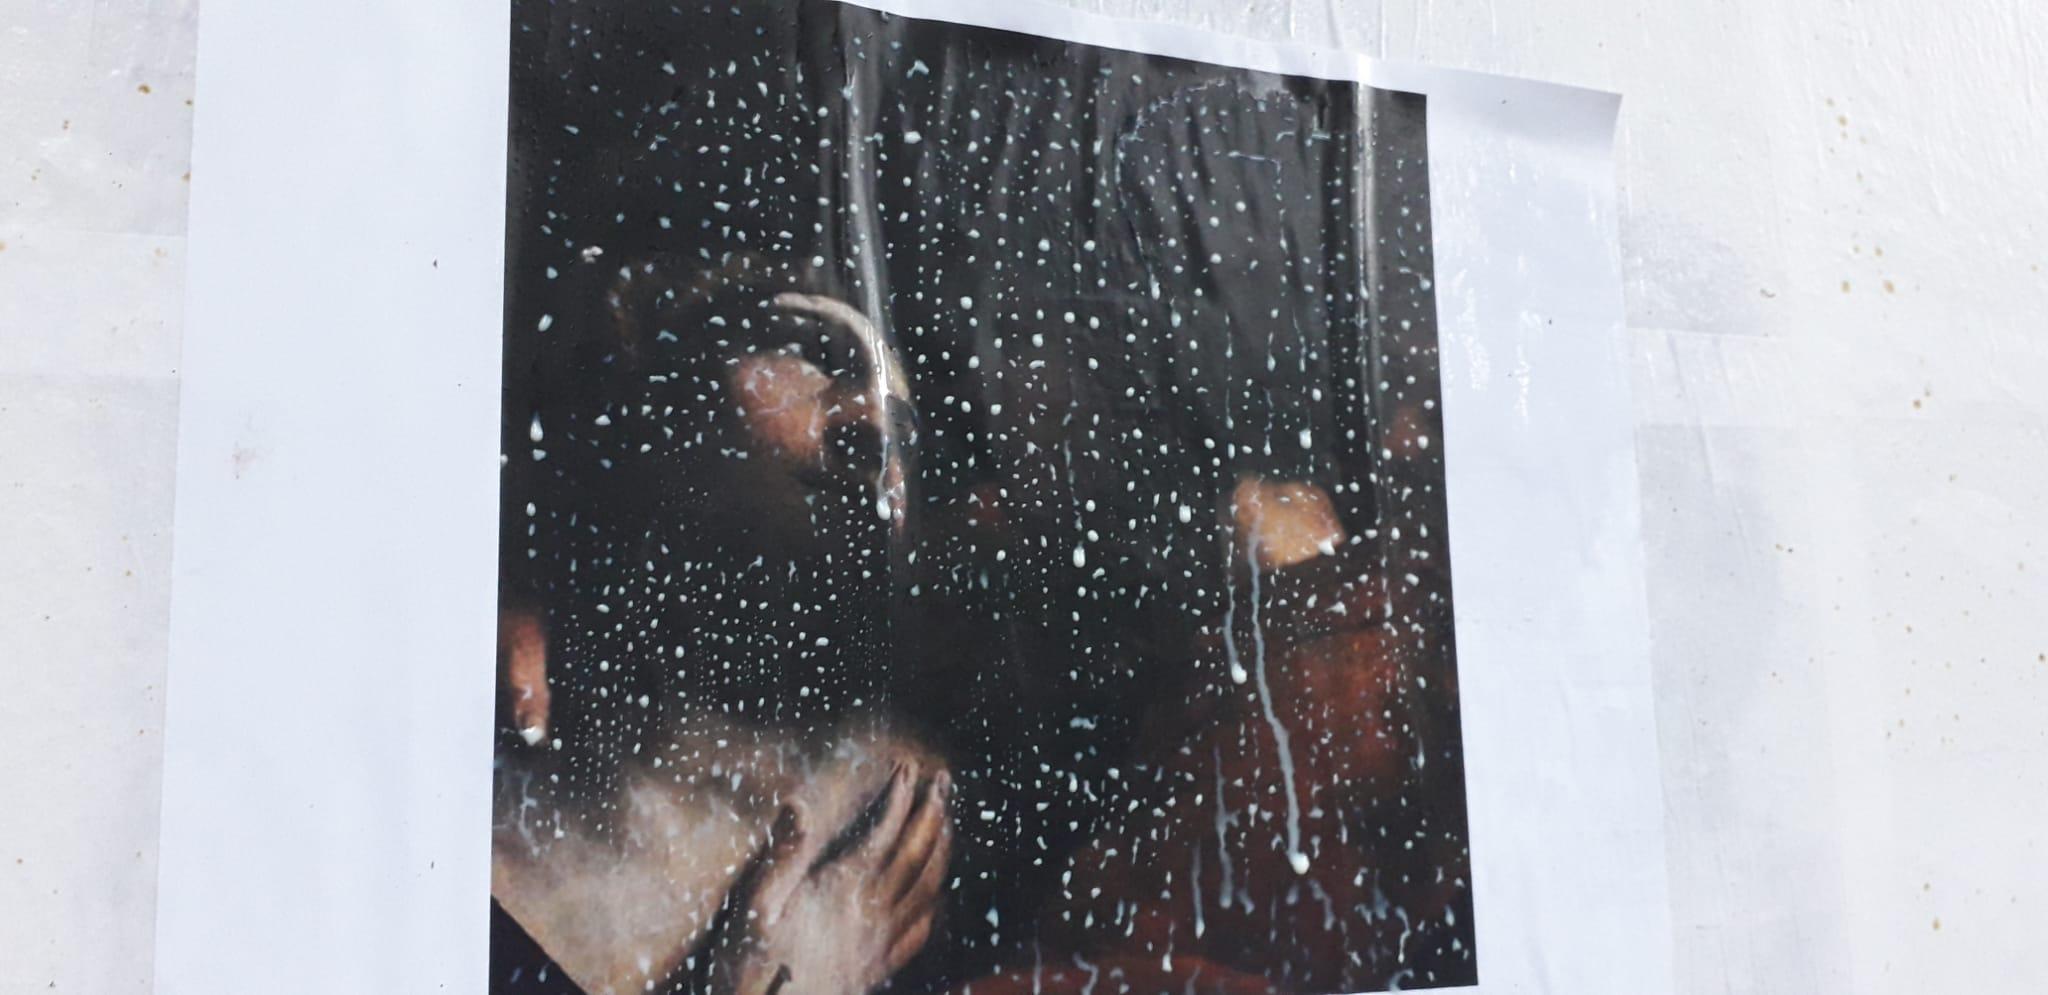 Modena museo emergenza - fotografia di stefano soranna mocu cultura